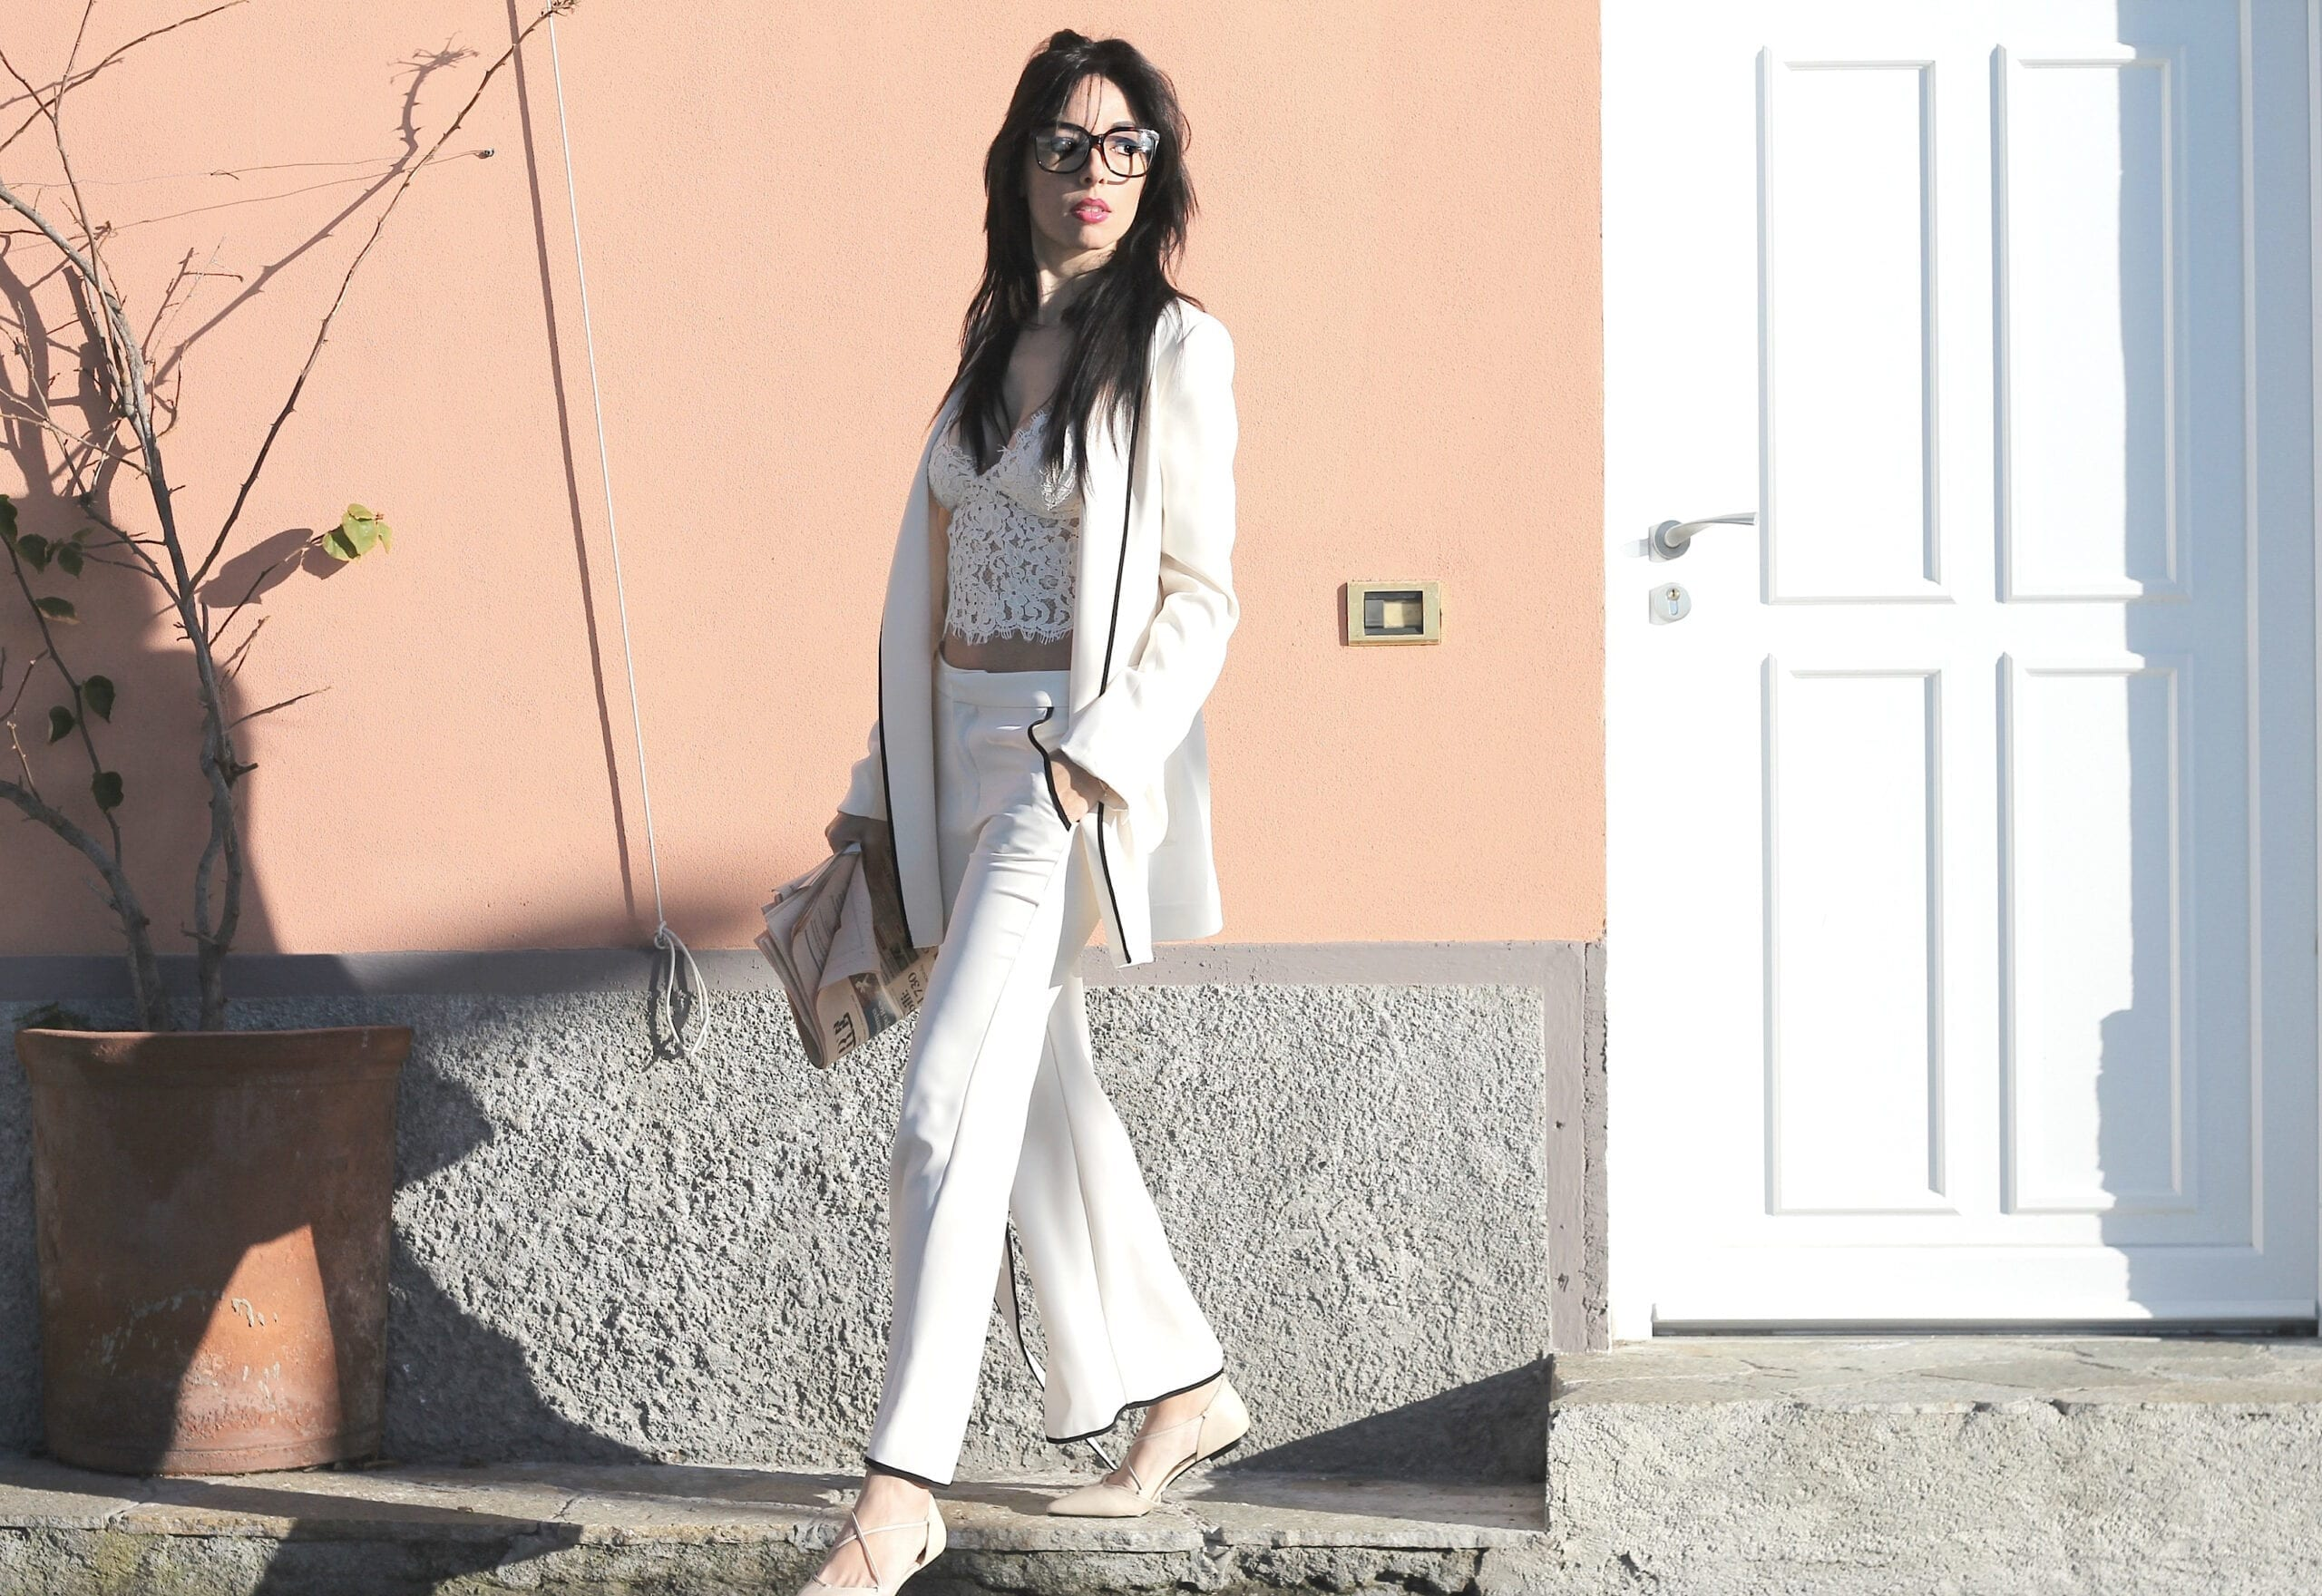 sistema moda in confusione, sistema moda 2016, cosa succede nella moda, pigiama zara, come si indossa il pigiama per uscire, lace top zara, pijama chic zara, theladycracy.it, outfit blogger primavera estate 2016, fashion blog italia, fashion blog, fashion blogger italiane, elisa bellino